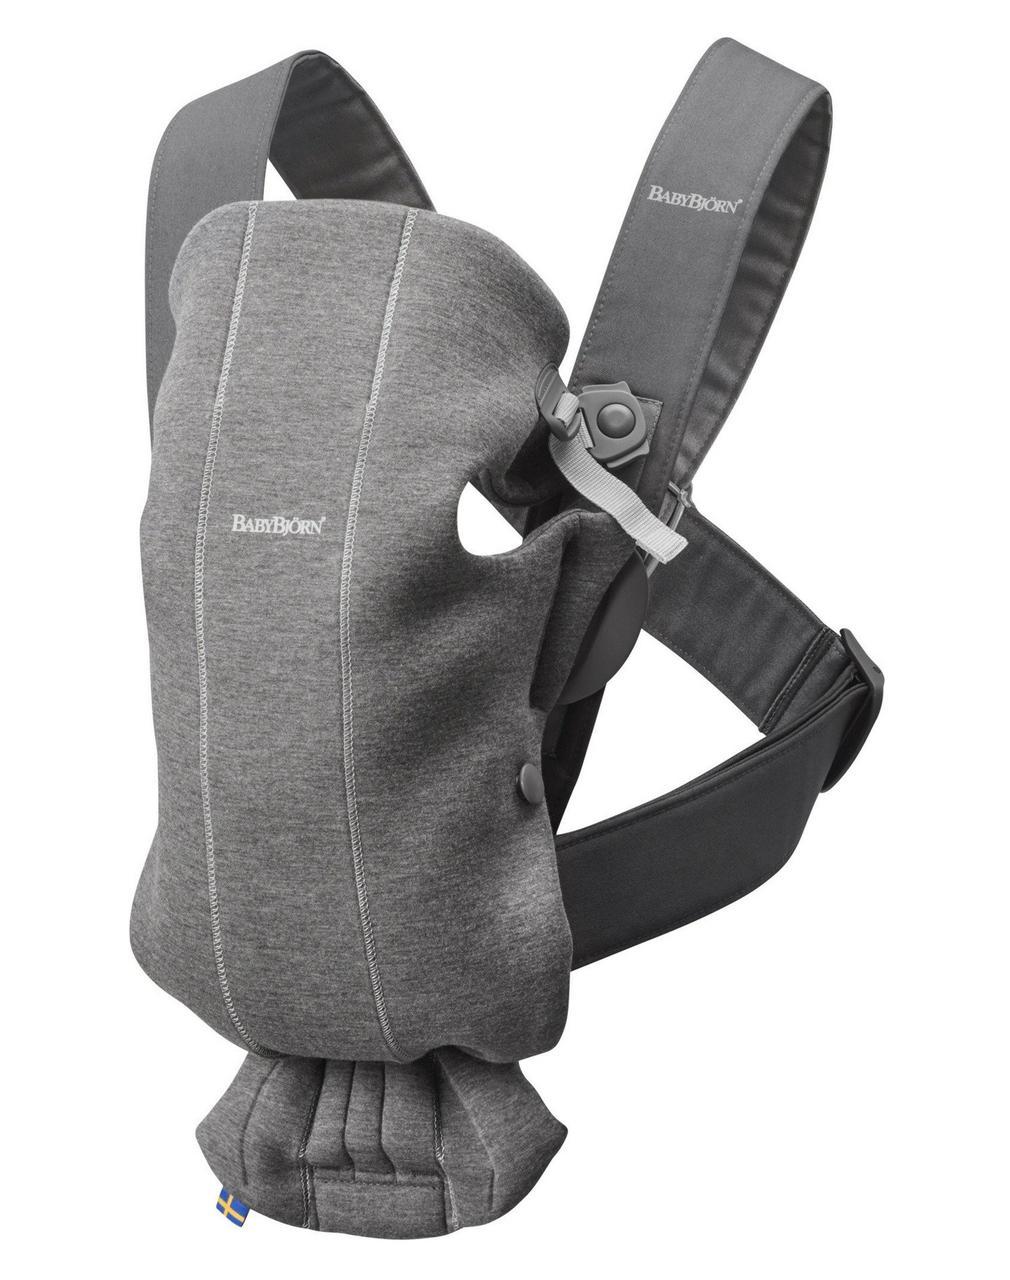 BabyBjorn - рюкзак-кенгуру для младенцев MINI 3D Джерси, темно-серый